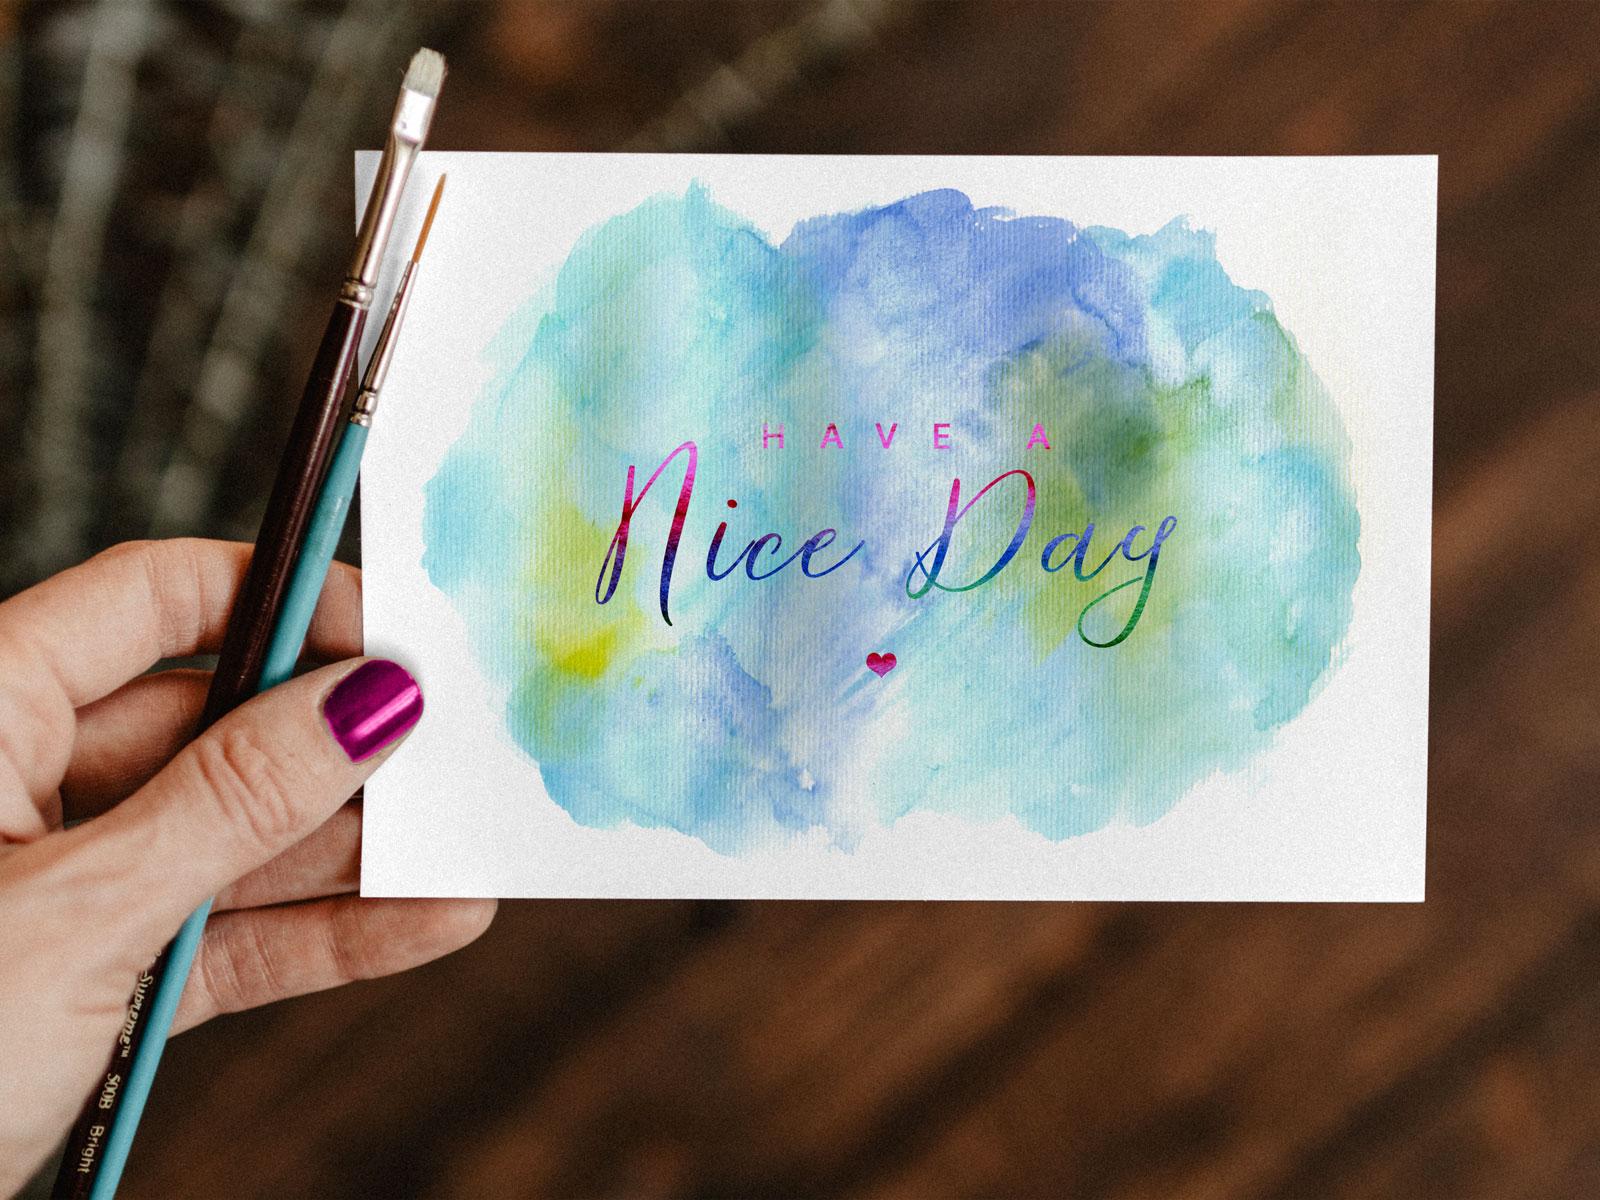 Free Watercolor Painting Greeting Card Mockup